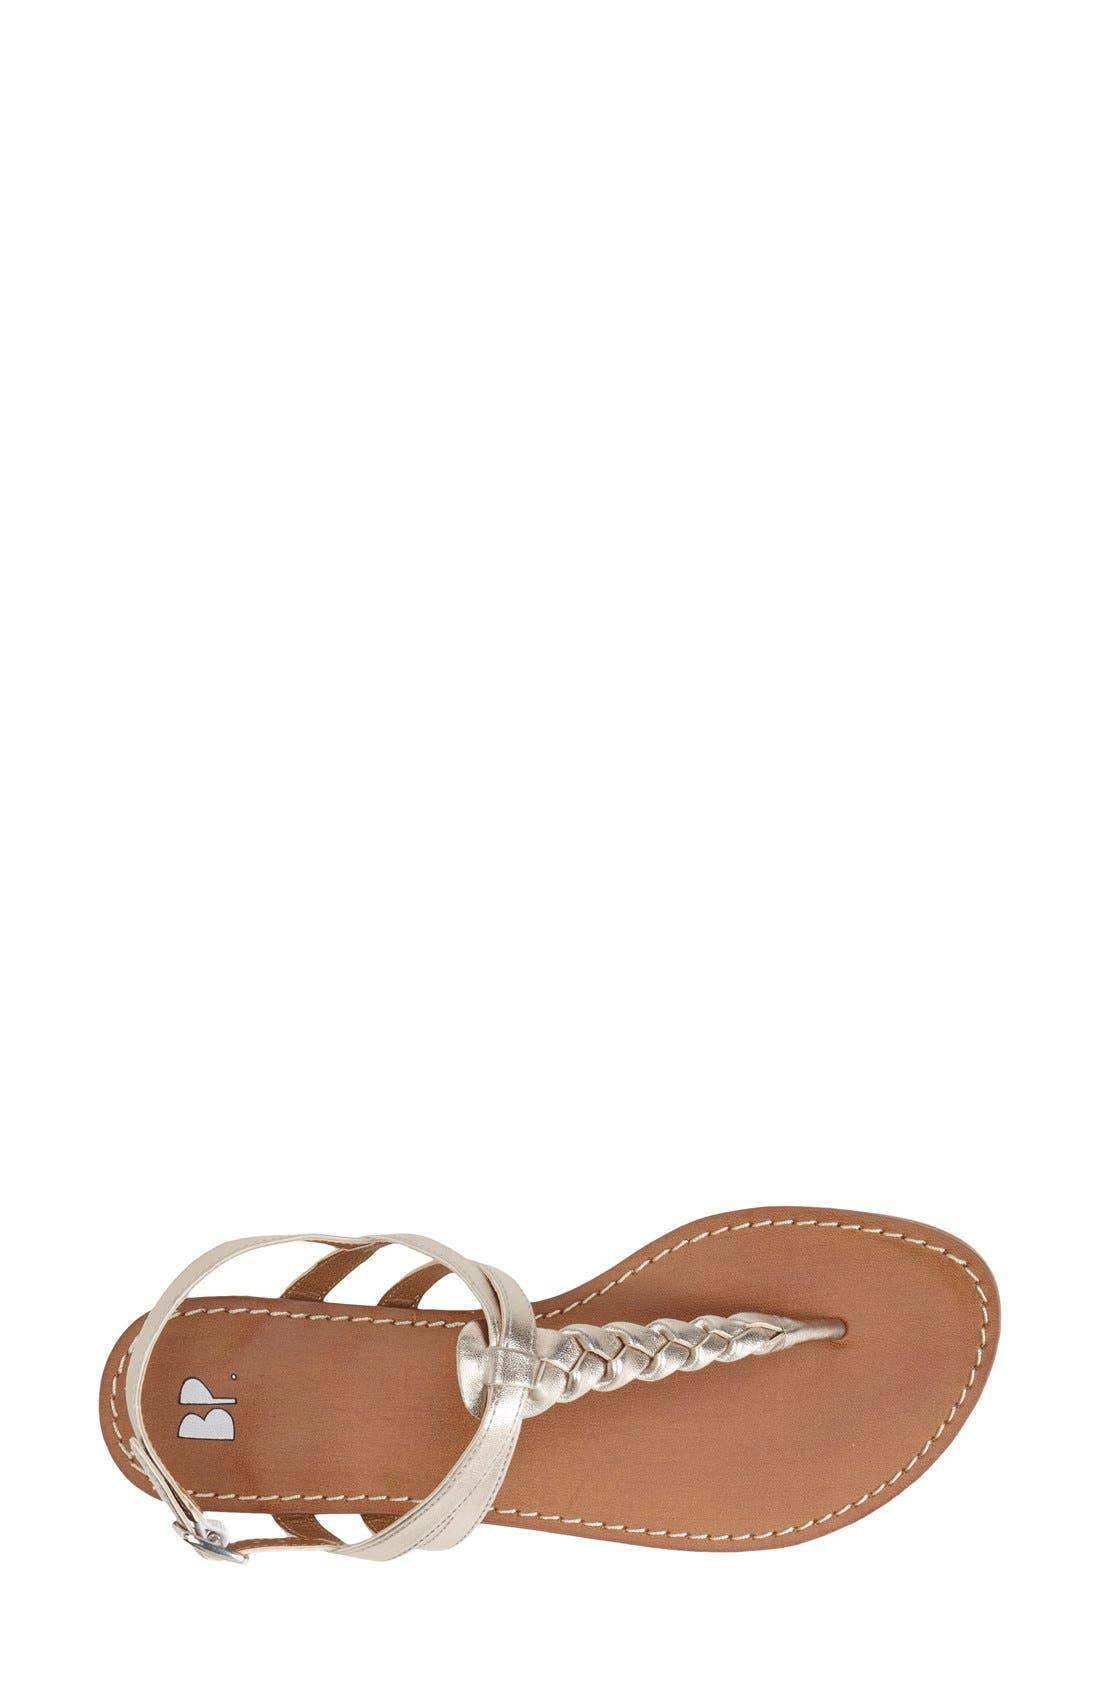 Alternate Image 3  - BP. 'Surf' Flat Sandal (Women)